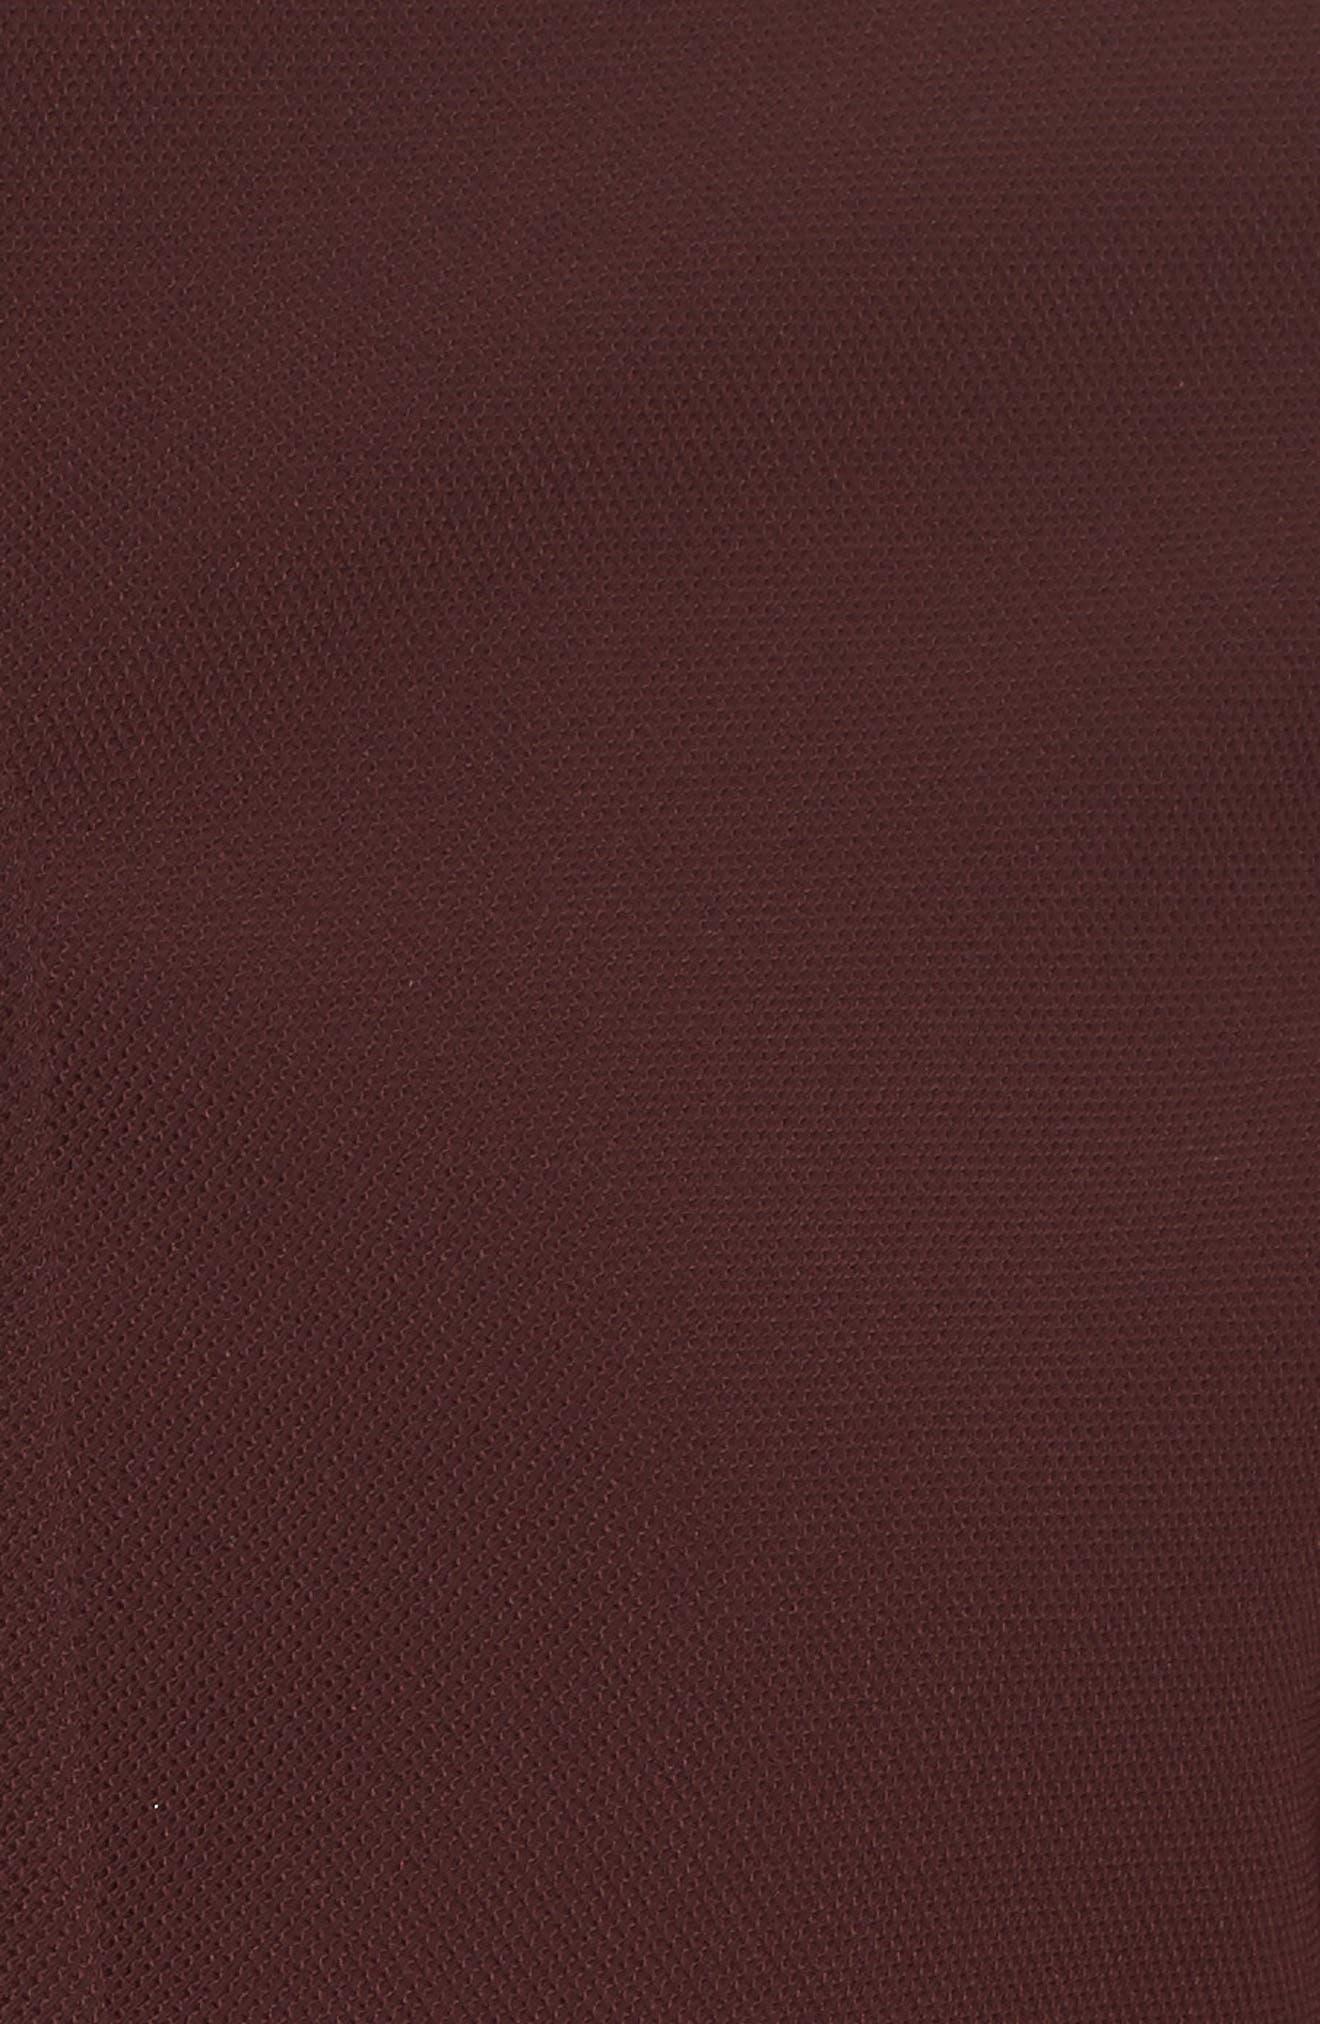 Juriona Suit Jacket,                             Alternate thumbnail 6, color,                             602